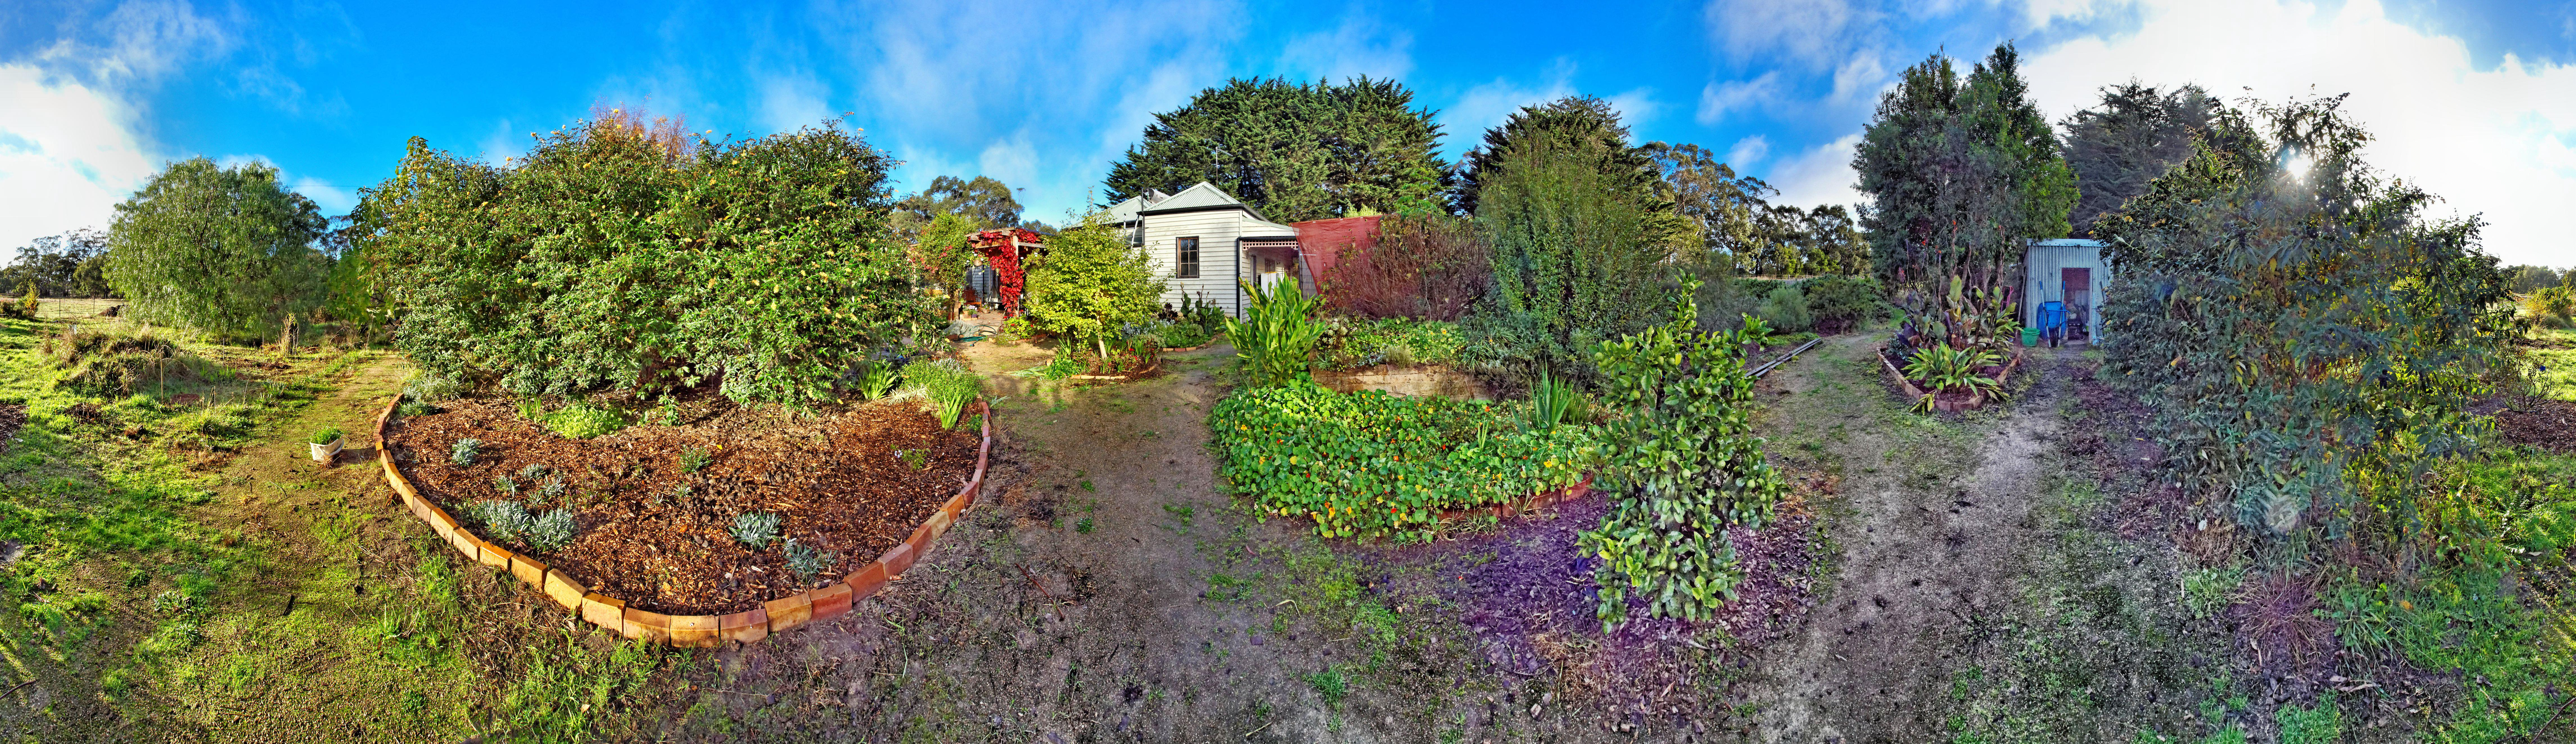 garden-path-ne-DxO.jpeg